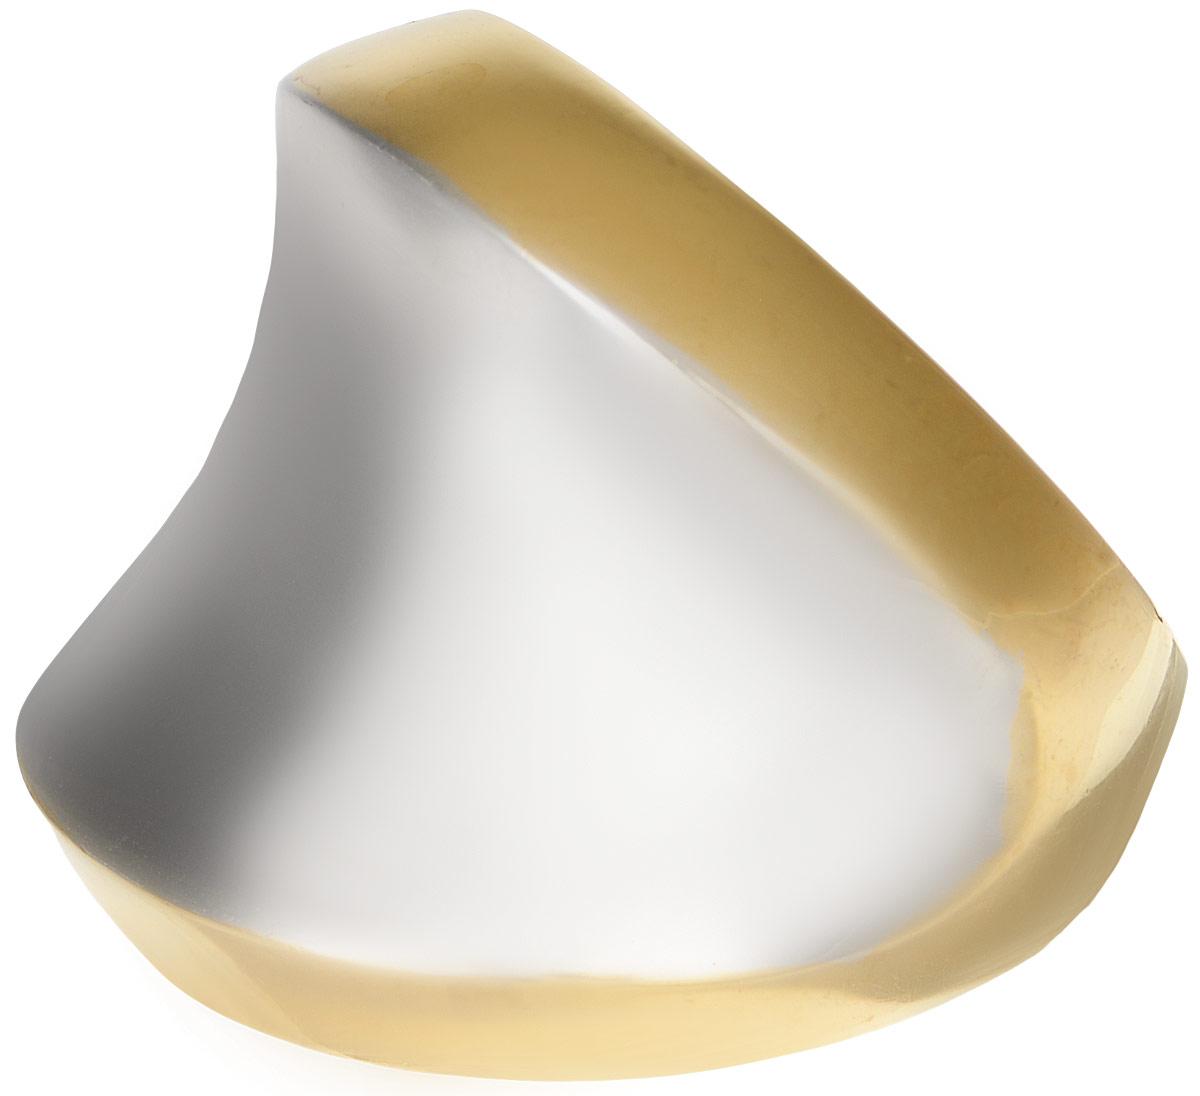 Кольцо Polina Selezneva, цвет: золотистый, серебристый. DG-0026. Размер 17DG-0026-07Оригинальное кольцо Polina Selezneva выполнено из металлического сплава. Оформлено изделие интересной вогнутой формы. Такое кольцо это блестящее завершение вашего неповторимого, смелого образа и отличный подарок для ценительницы необычных украшений!